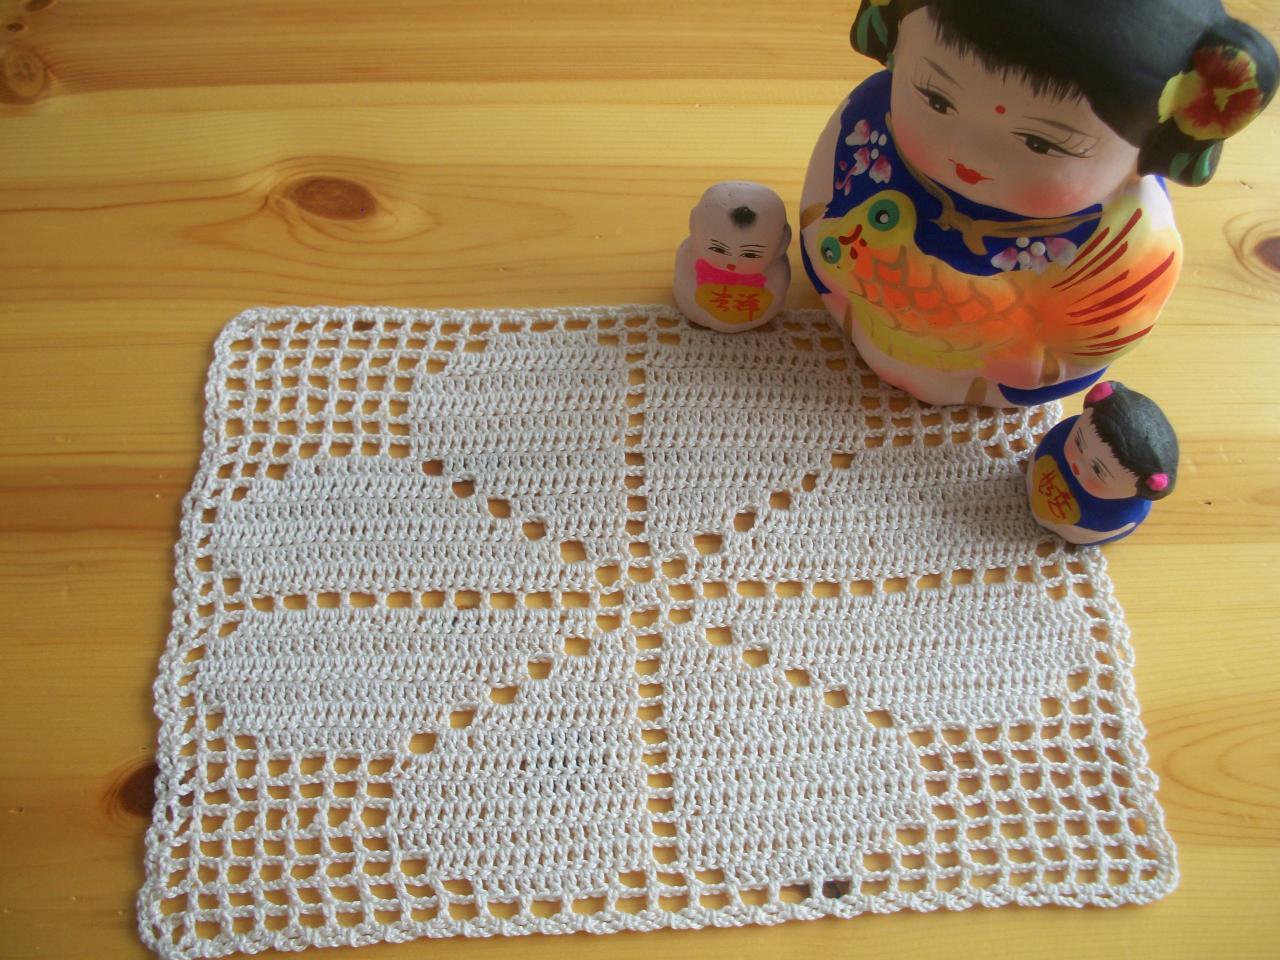 Site De Crochet : crochet triskel site de crochet clE de sol napperon